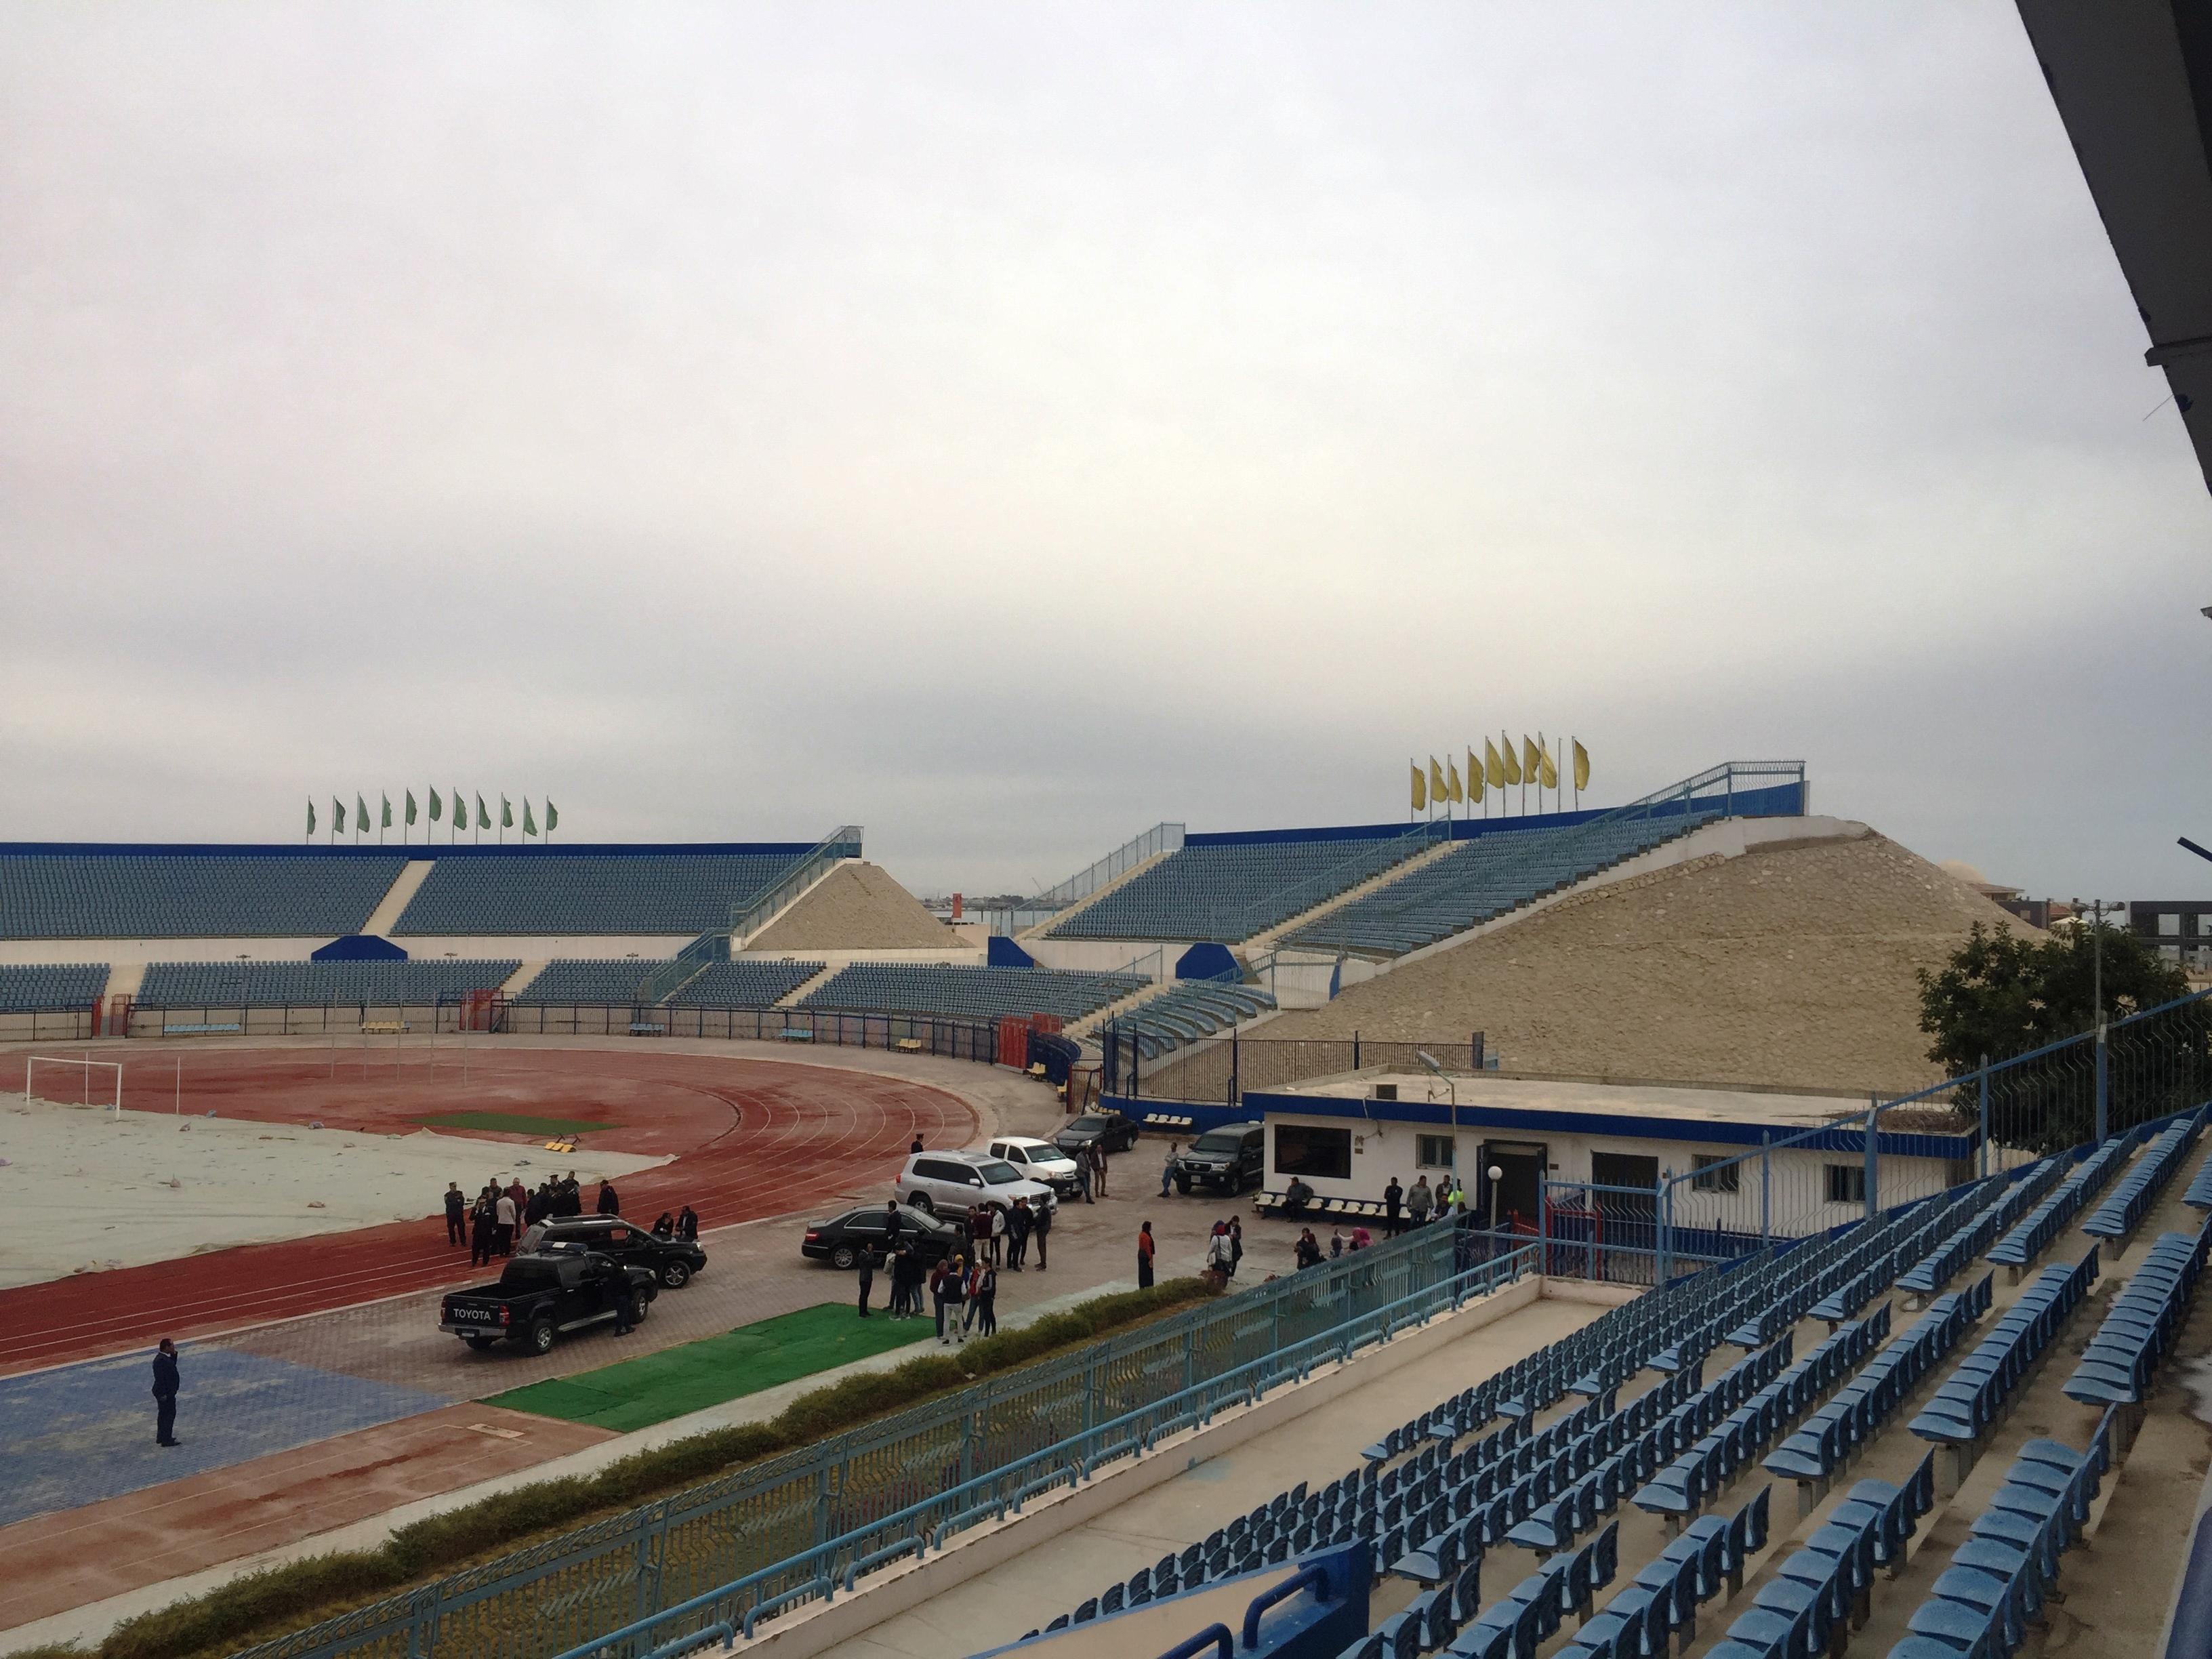 استاد السويس الرياضى (12)